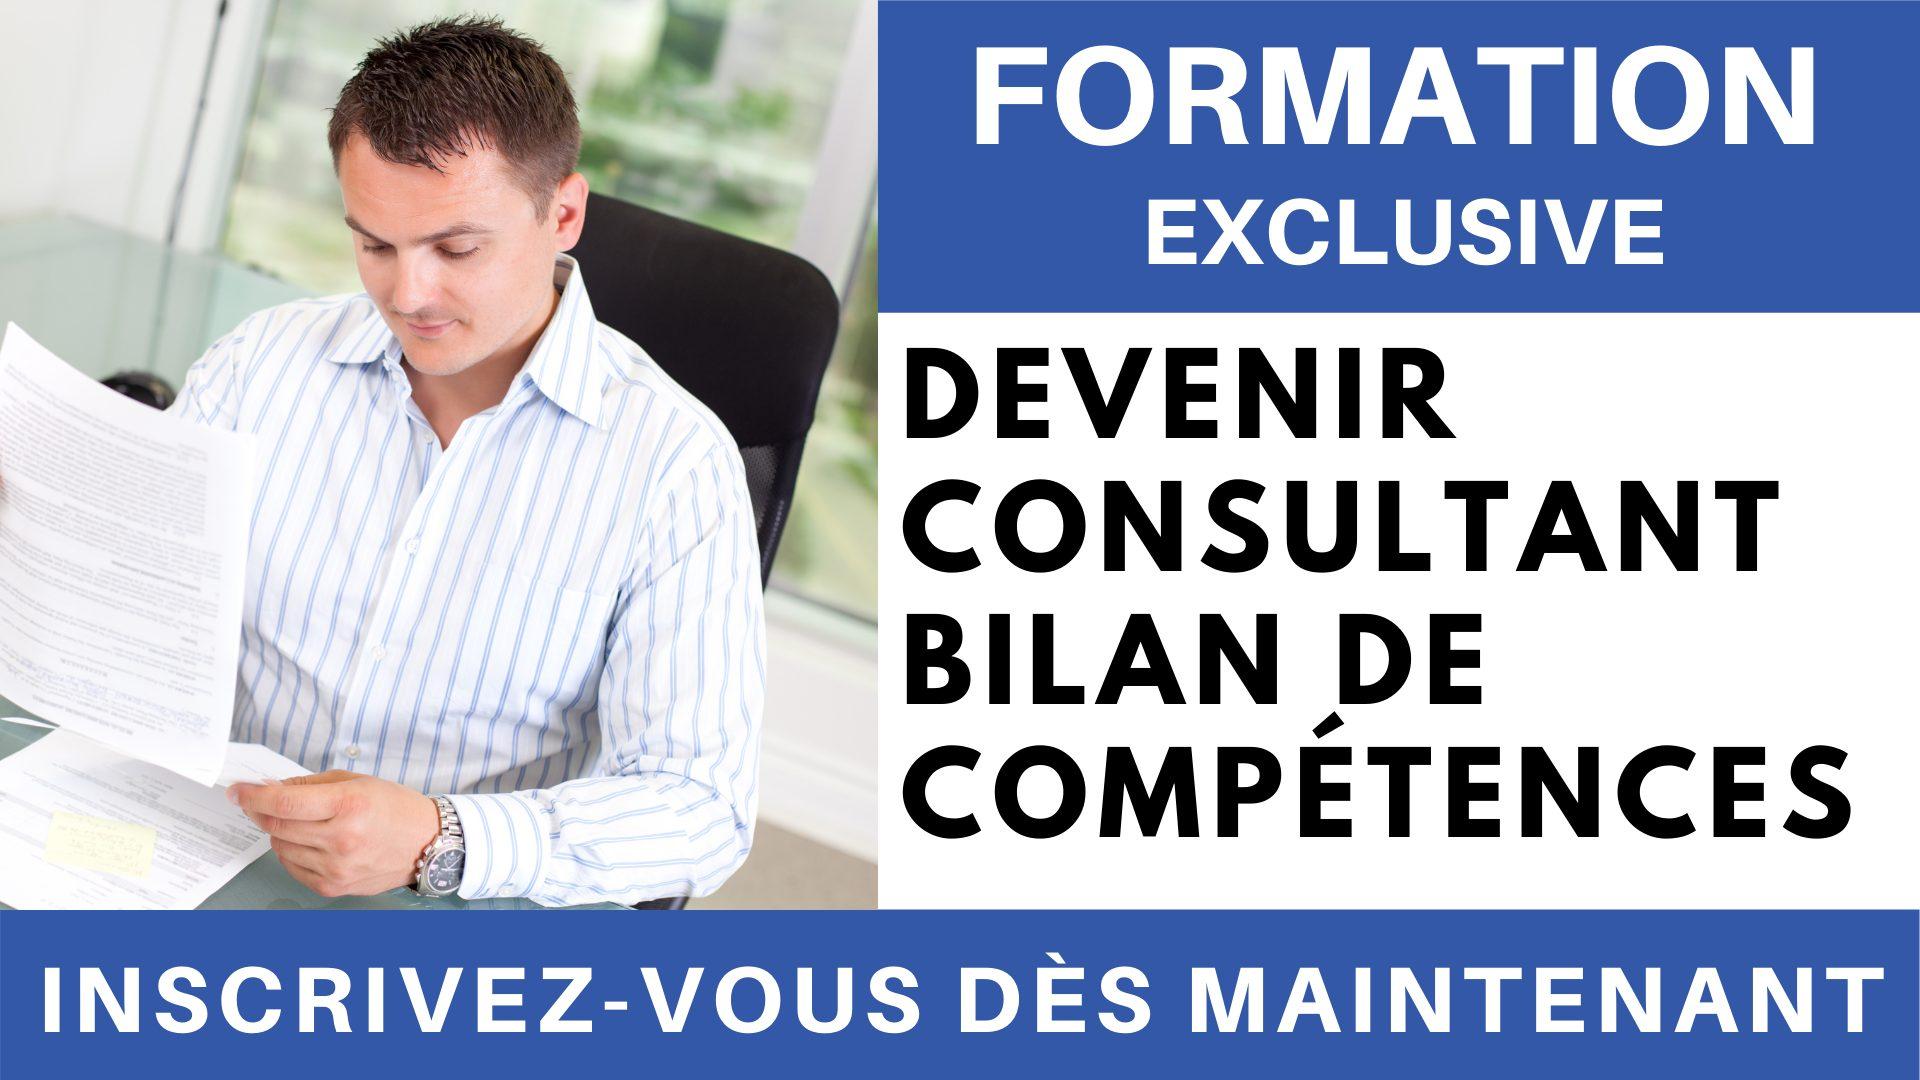 Formation Exclusive - Devenir consultant bilan de compétences